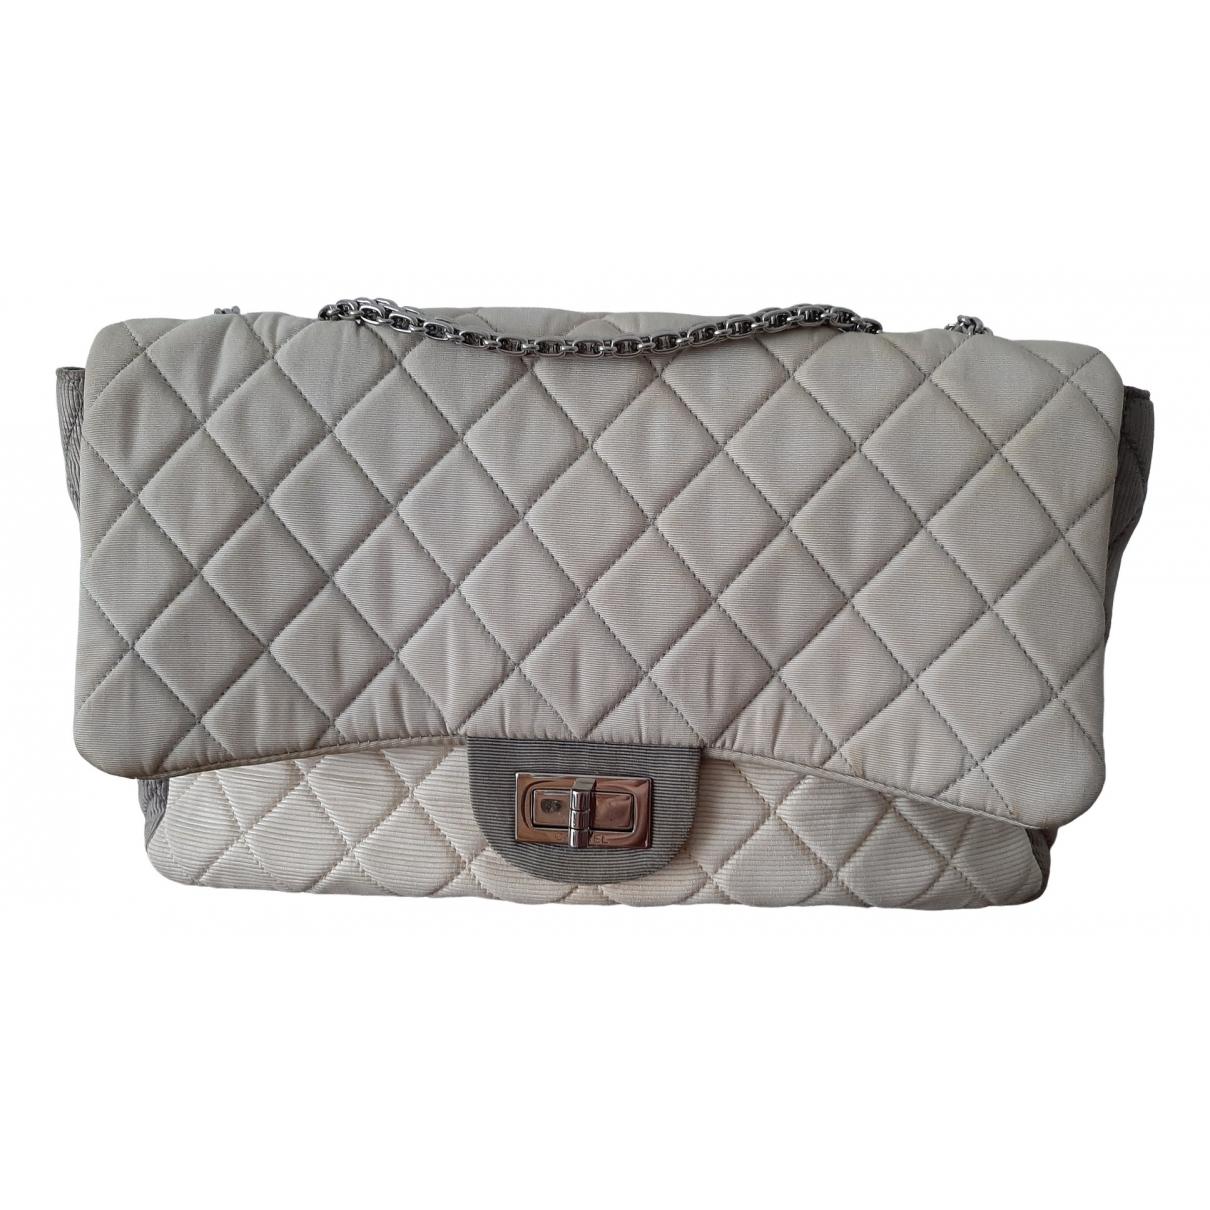 Chanel 2.55 Grey Cloth handbag for Women \N